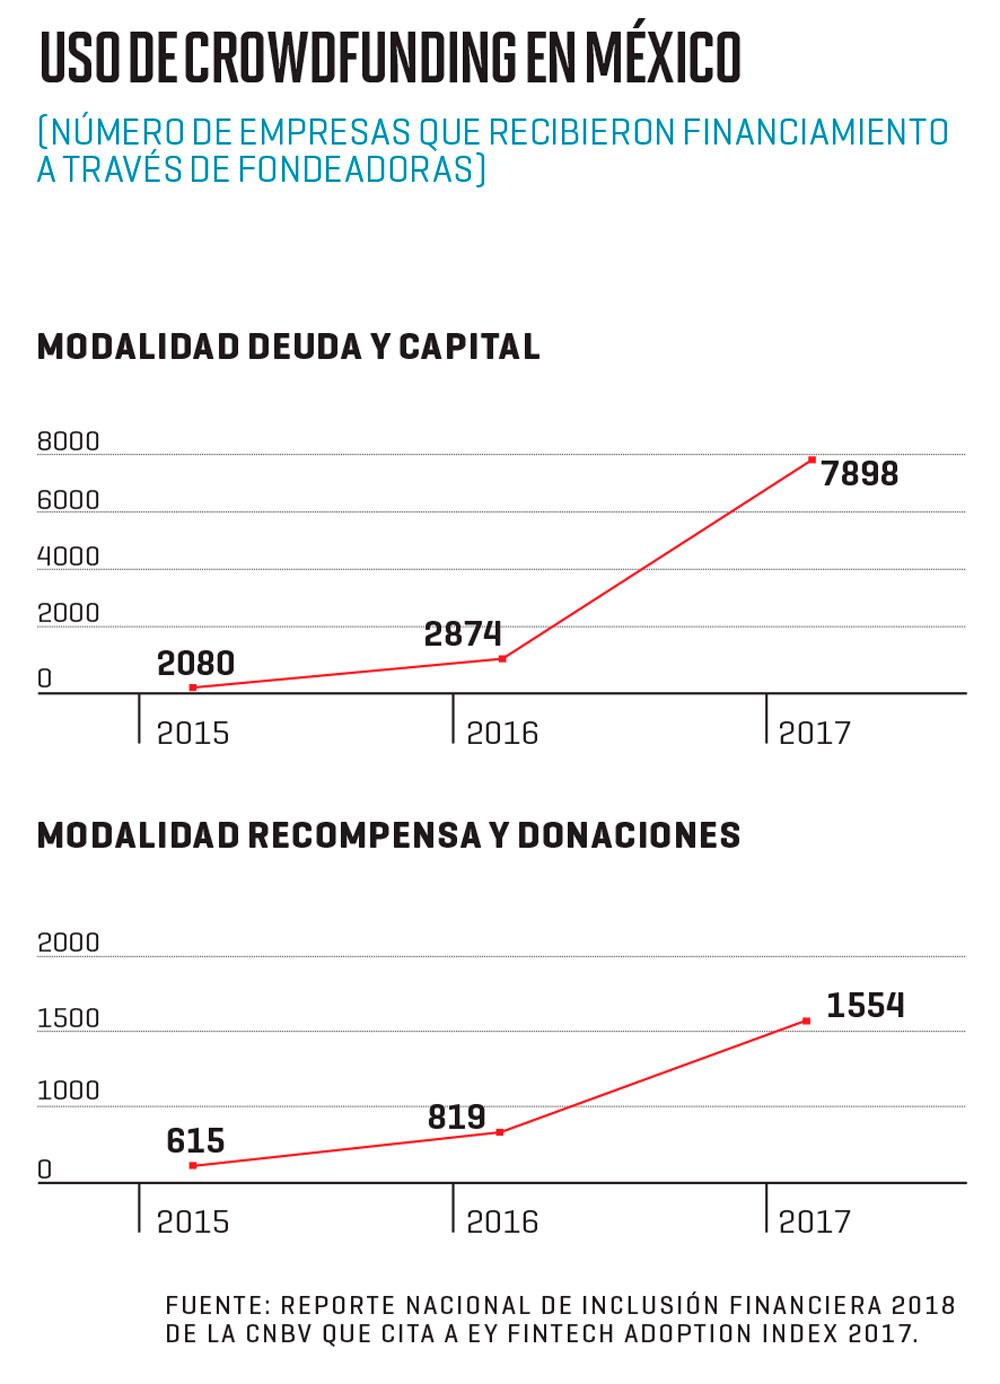 Grafica uso de crowdfunding en México